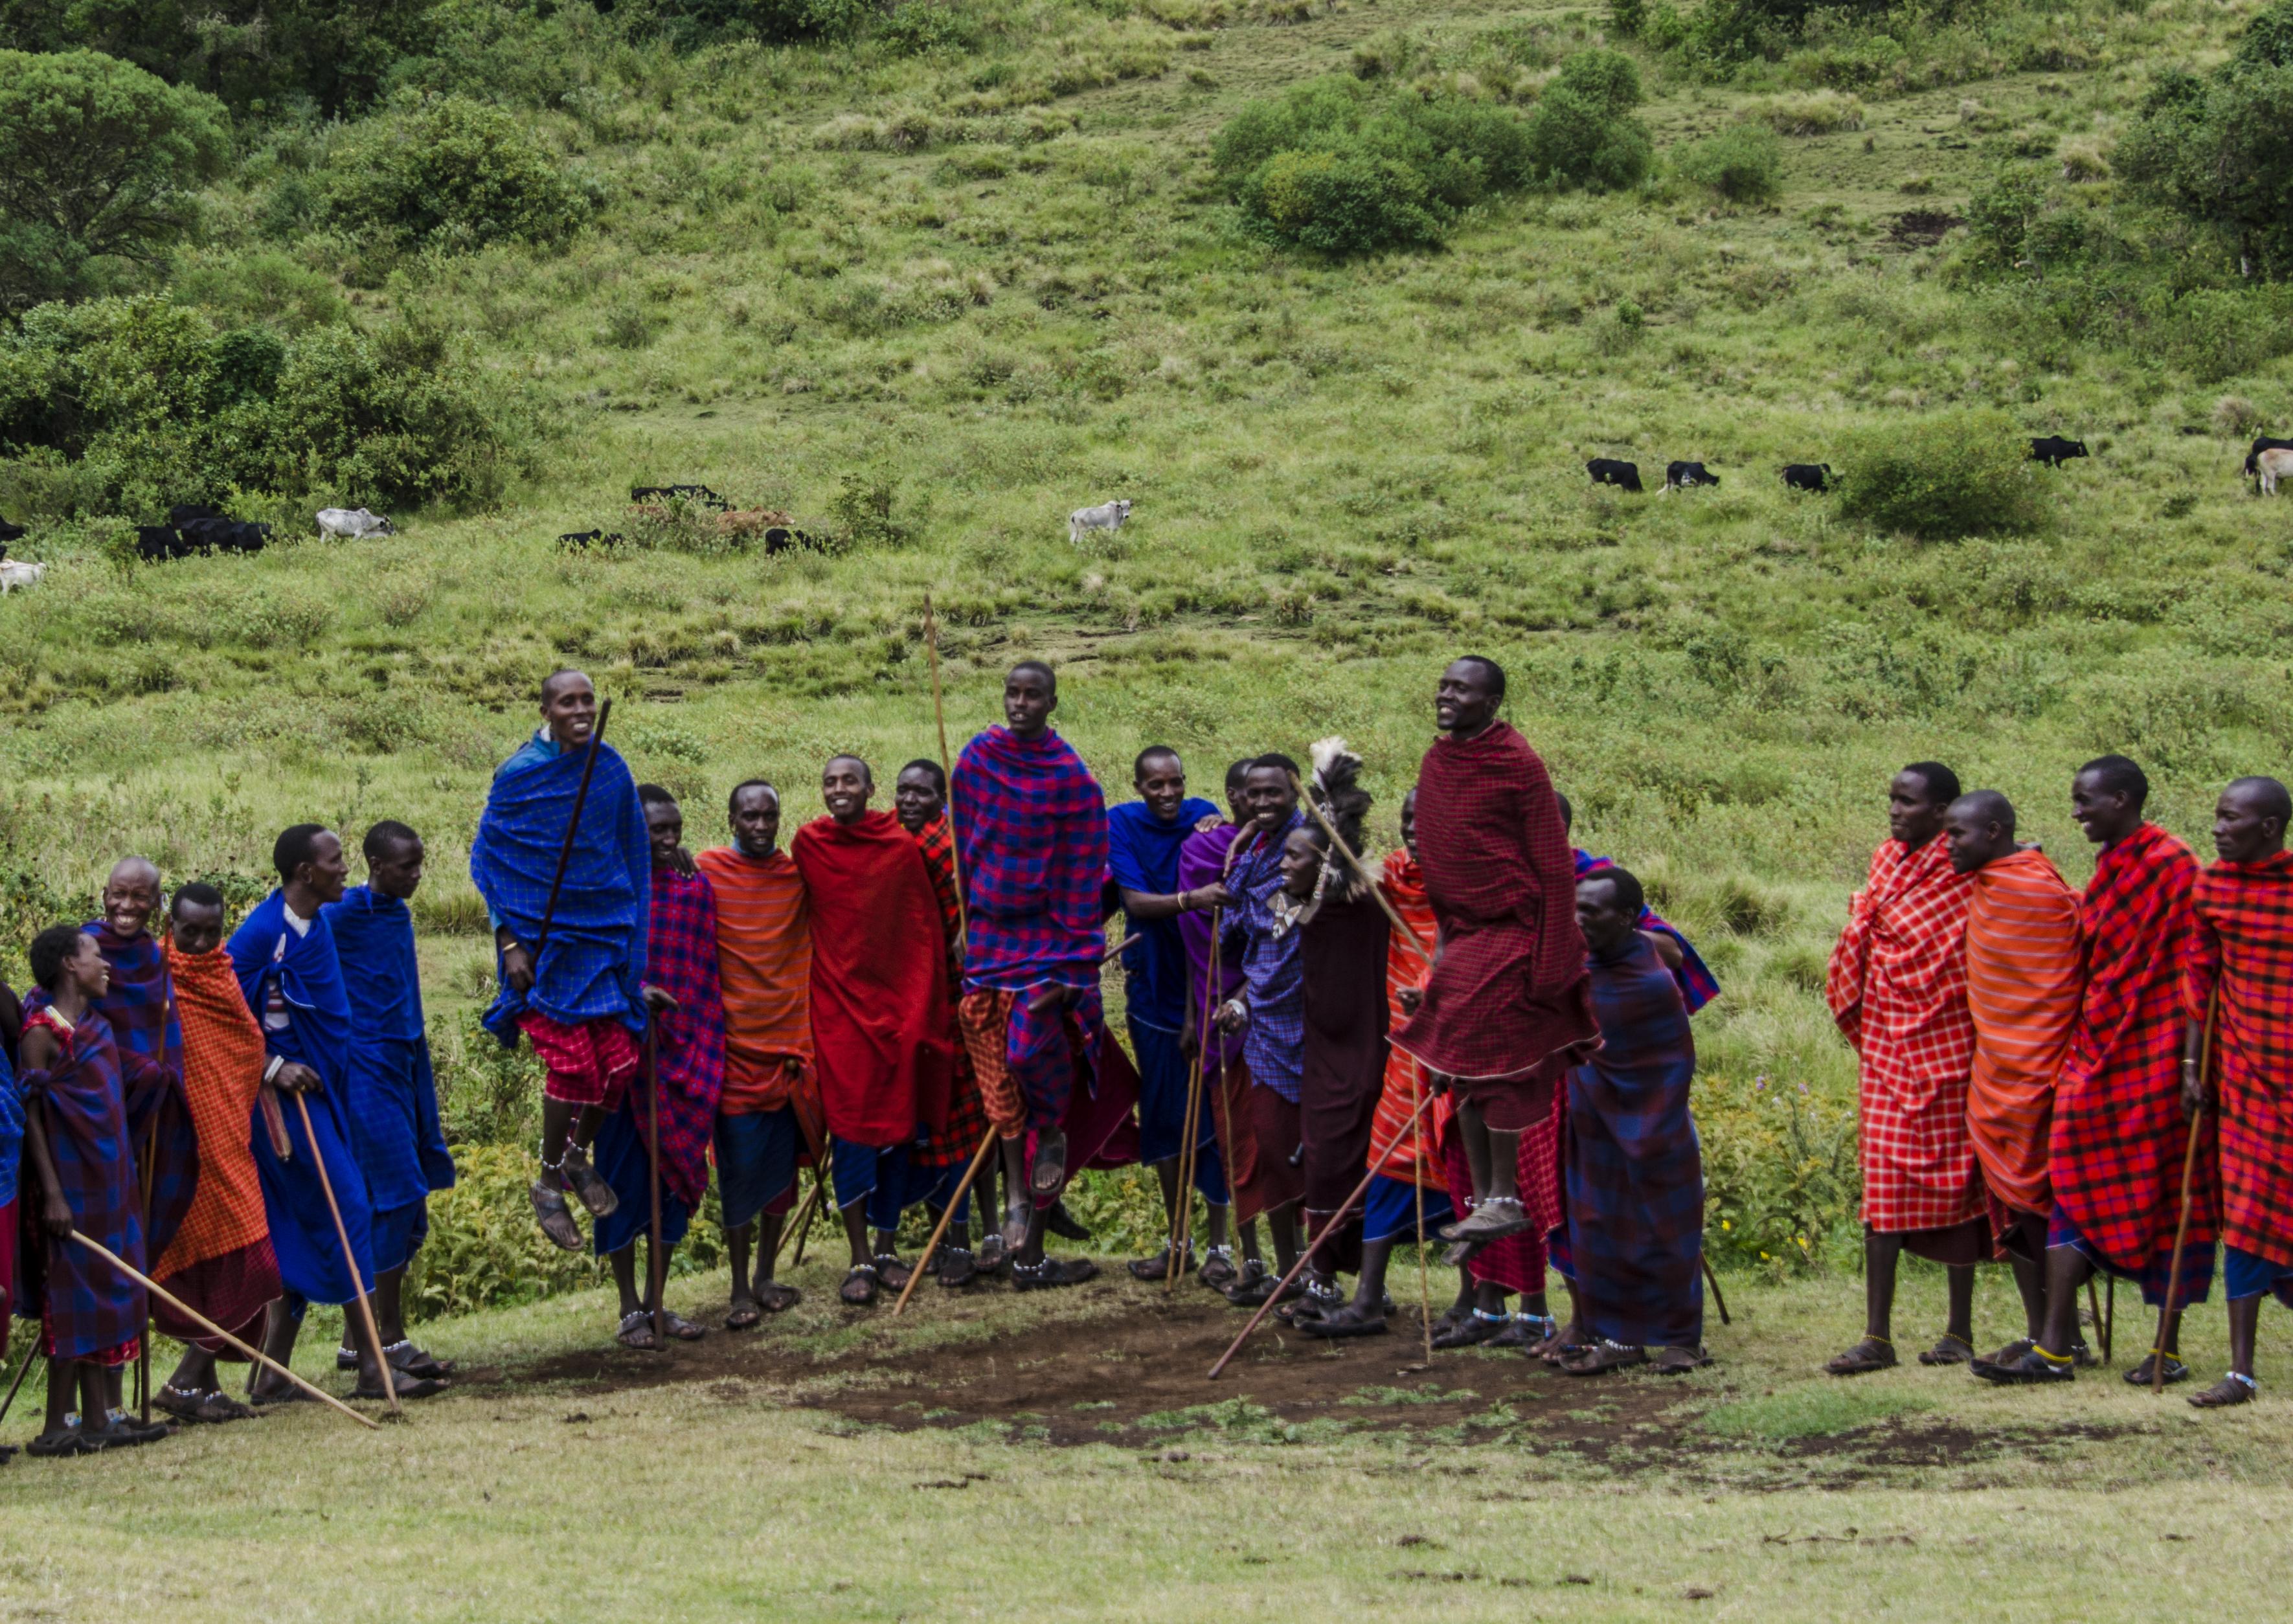 Massai men dance